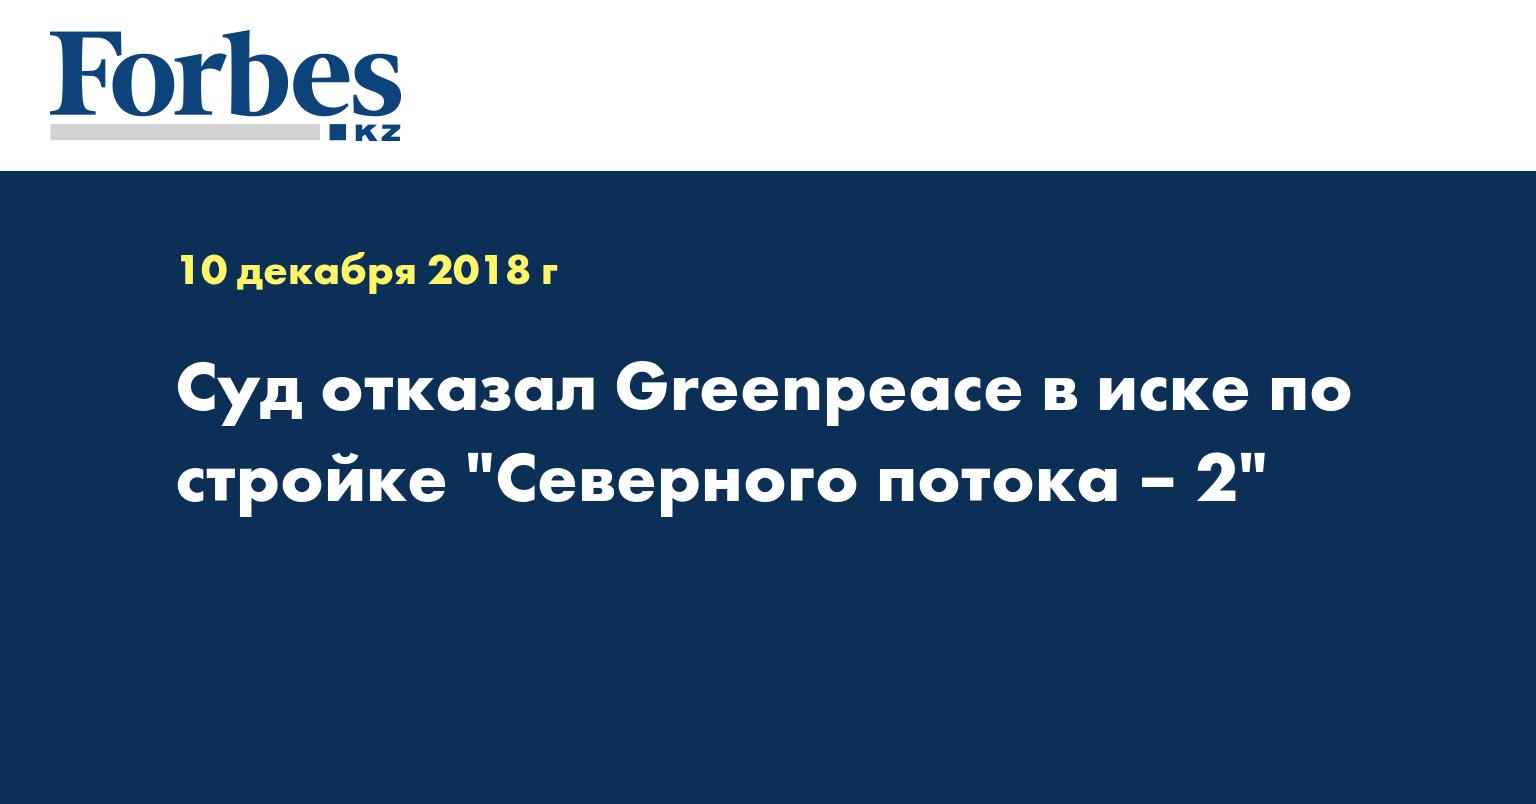 Суд отказал Greenpeace в иске по стройке